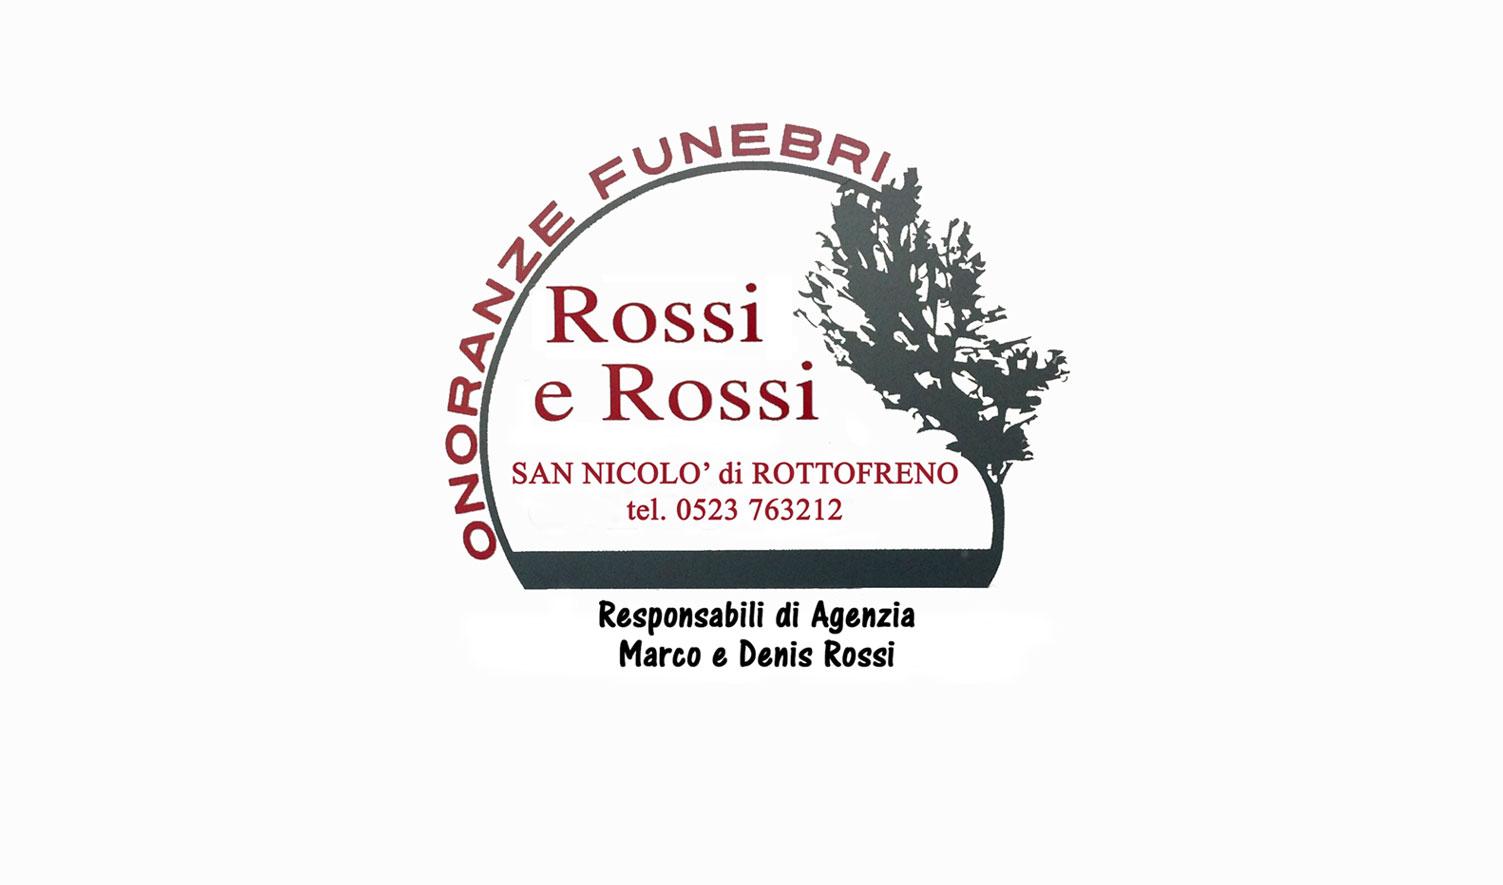 Onoranze Funebri Rossi e Rossi Piacenza